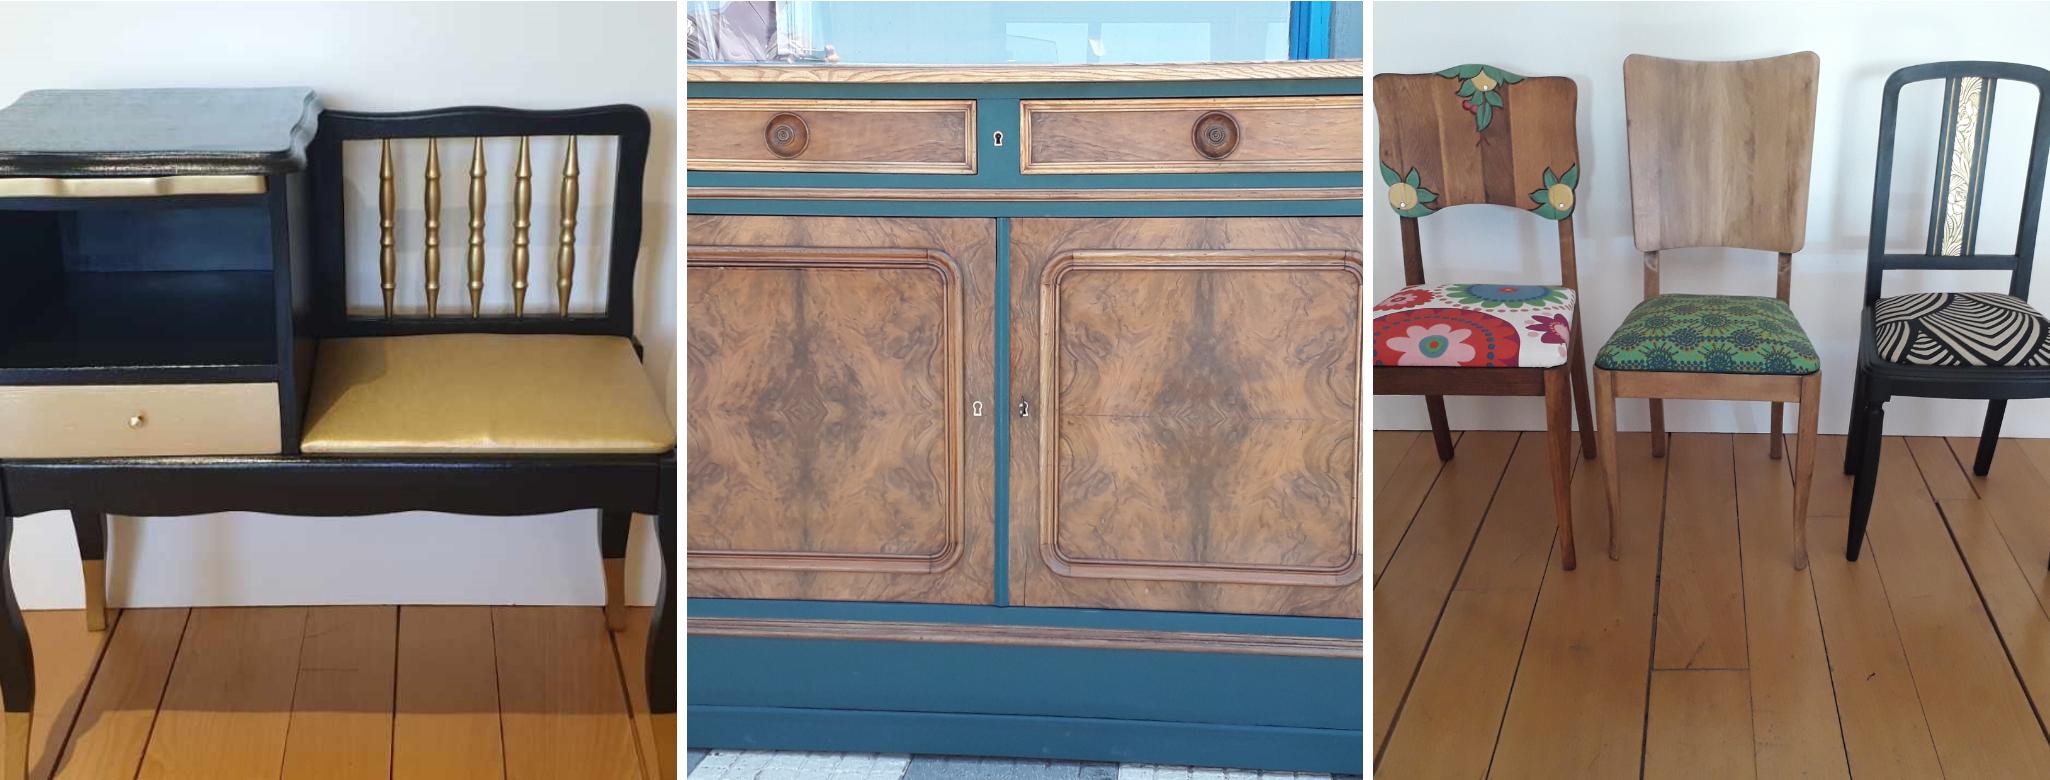 La recyclerie créative de l ESAT restaure et transforme des meubles et objets en bois, issus de la récupération